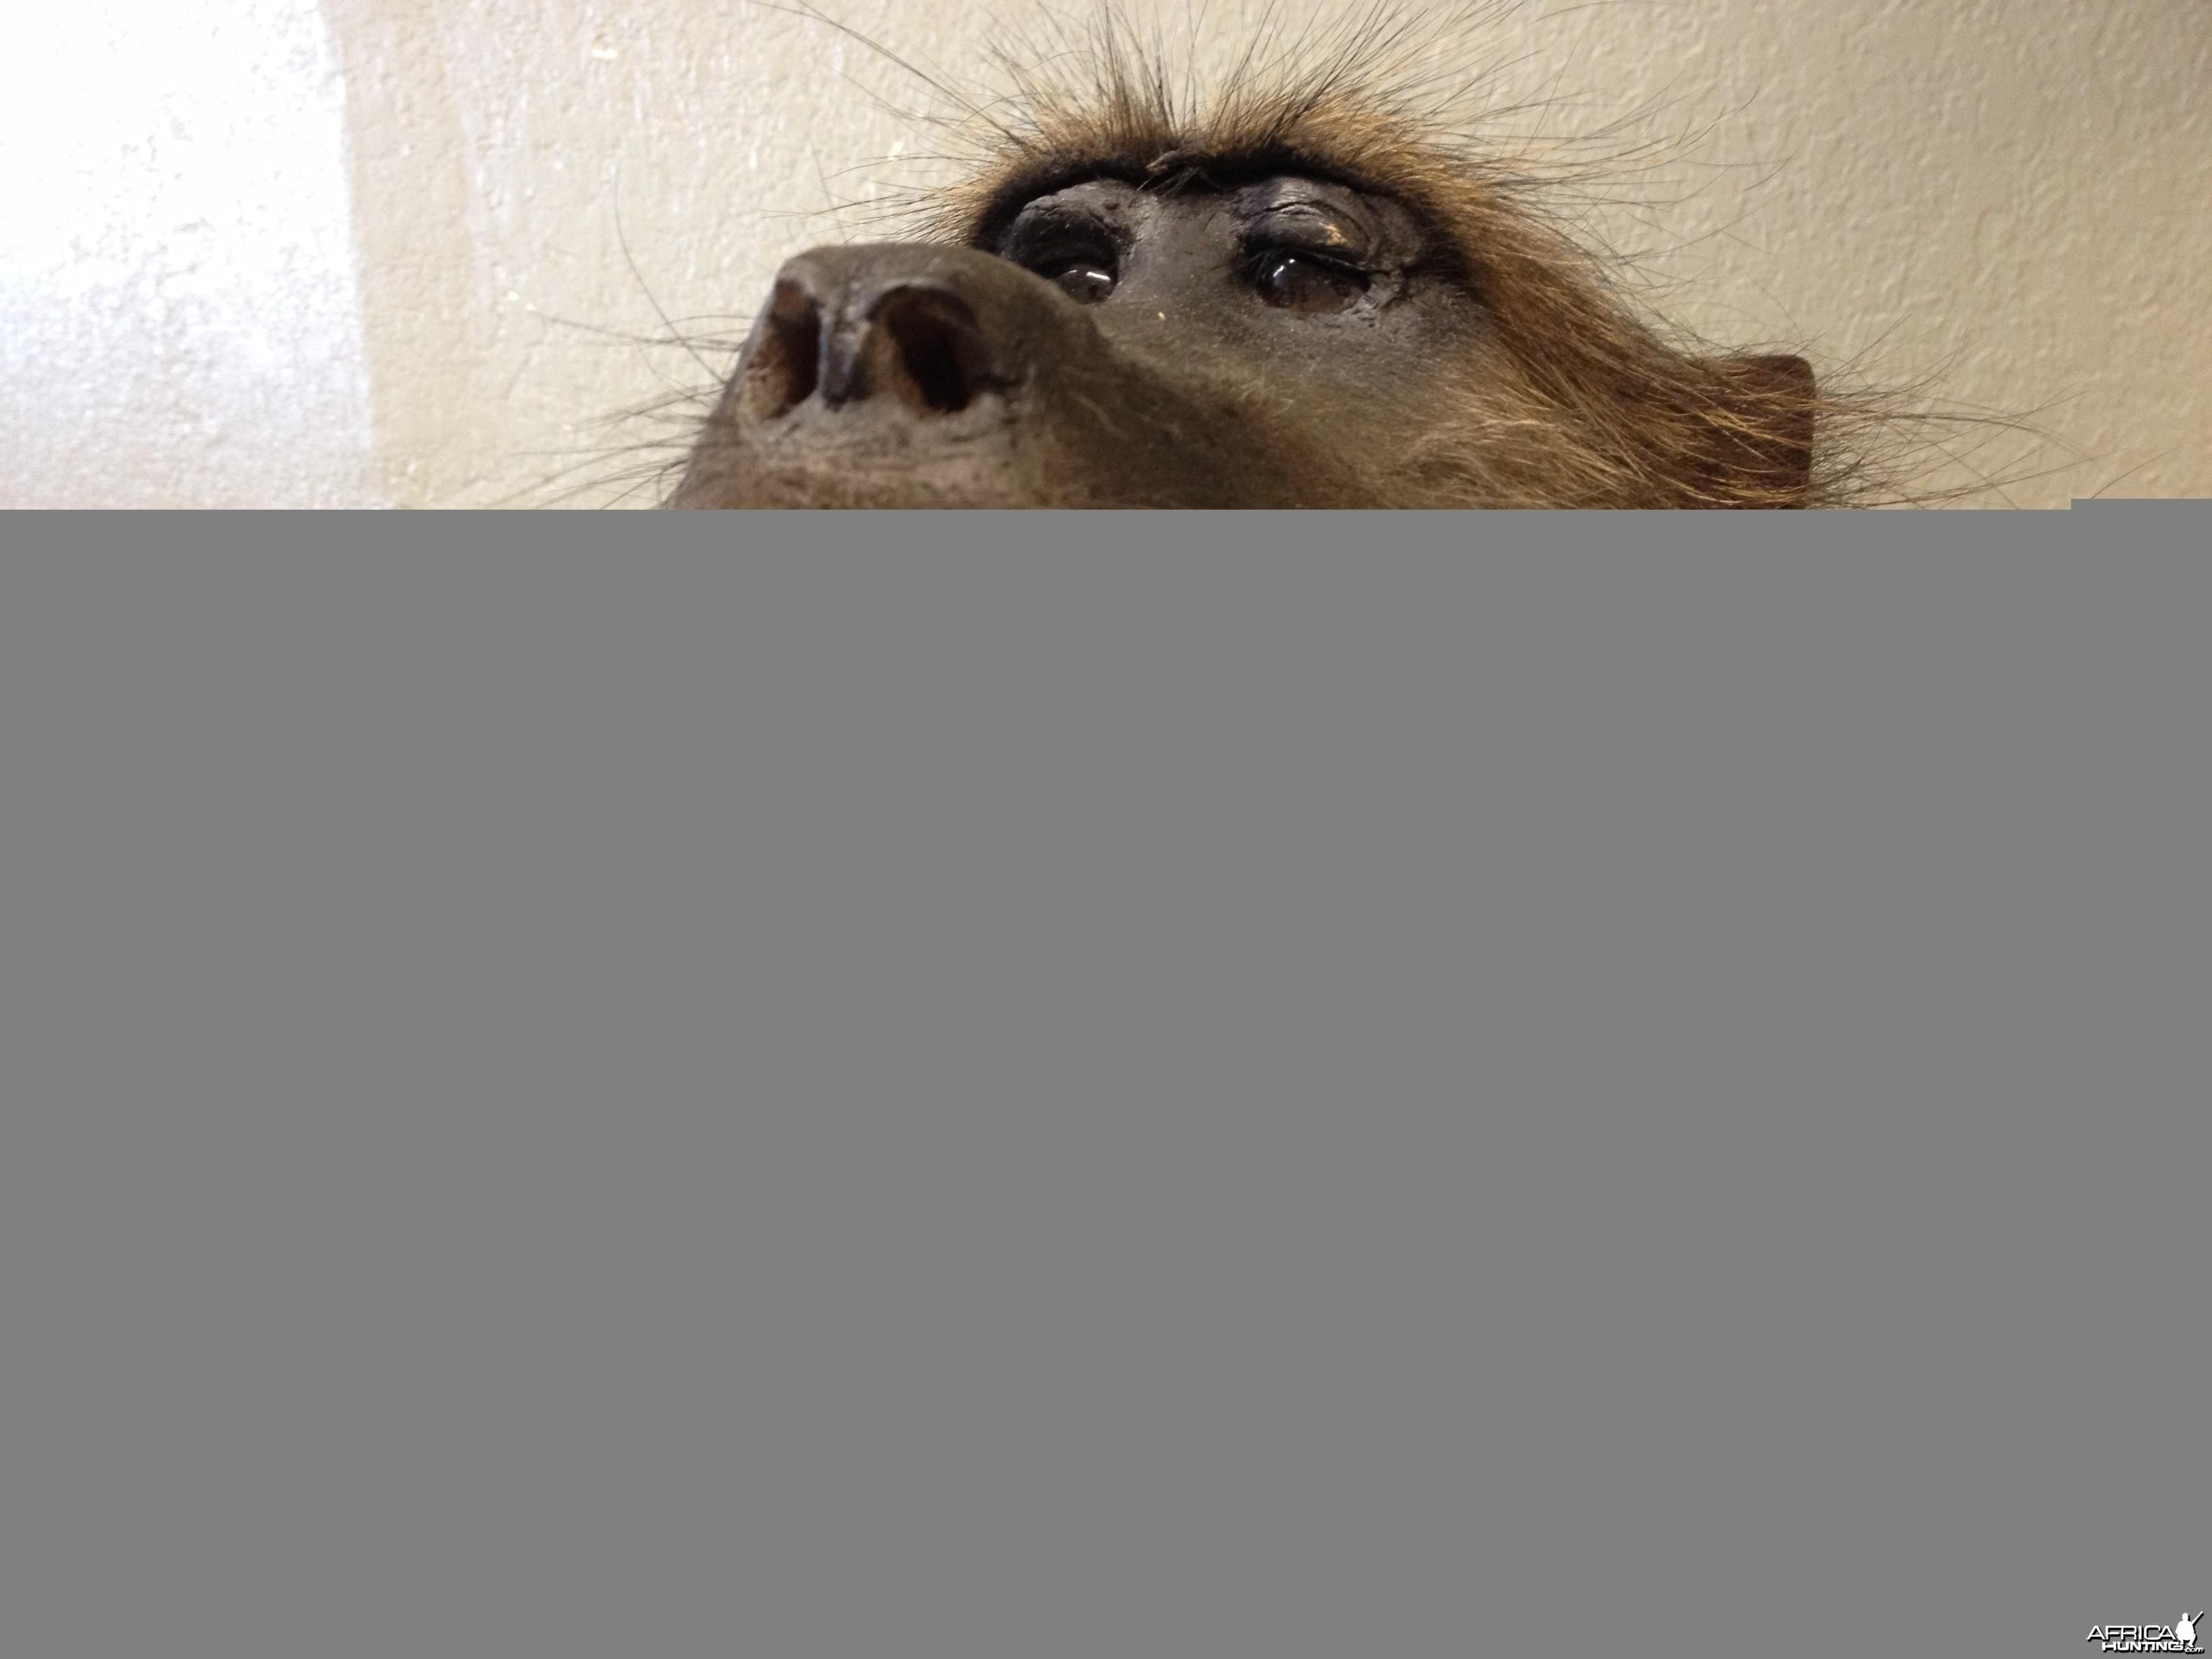 Baboon mount #2